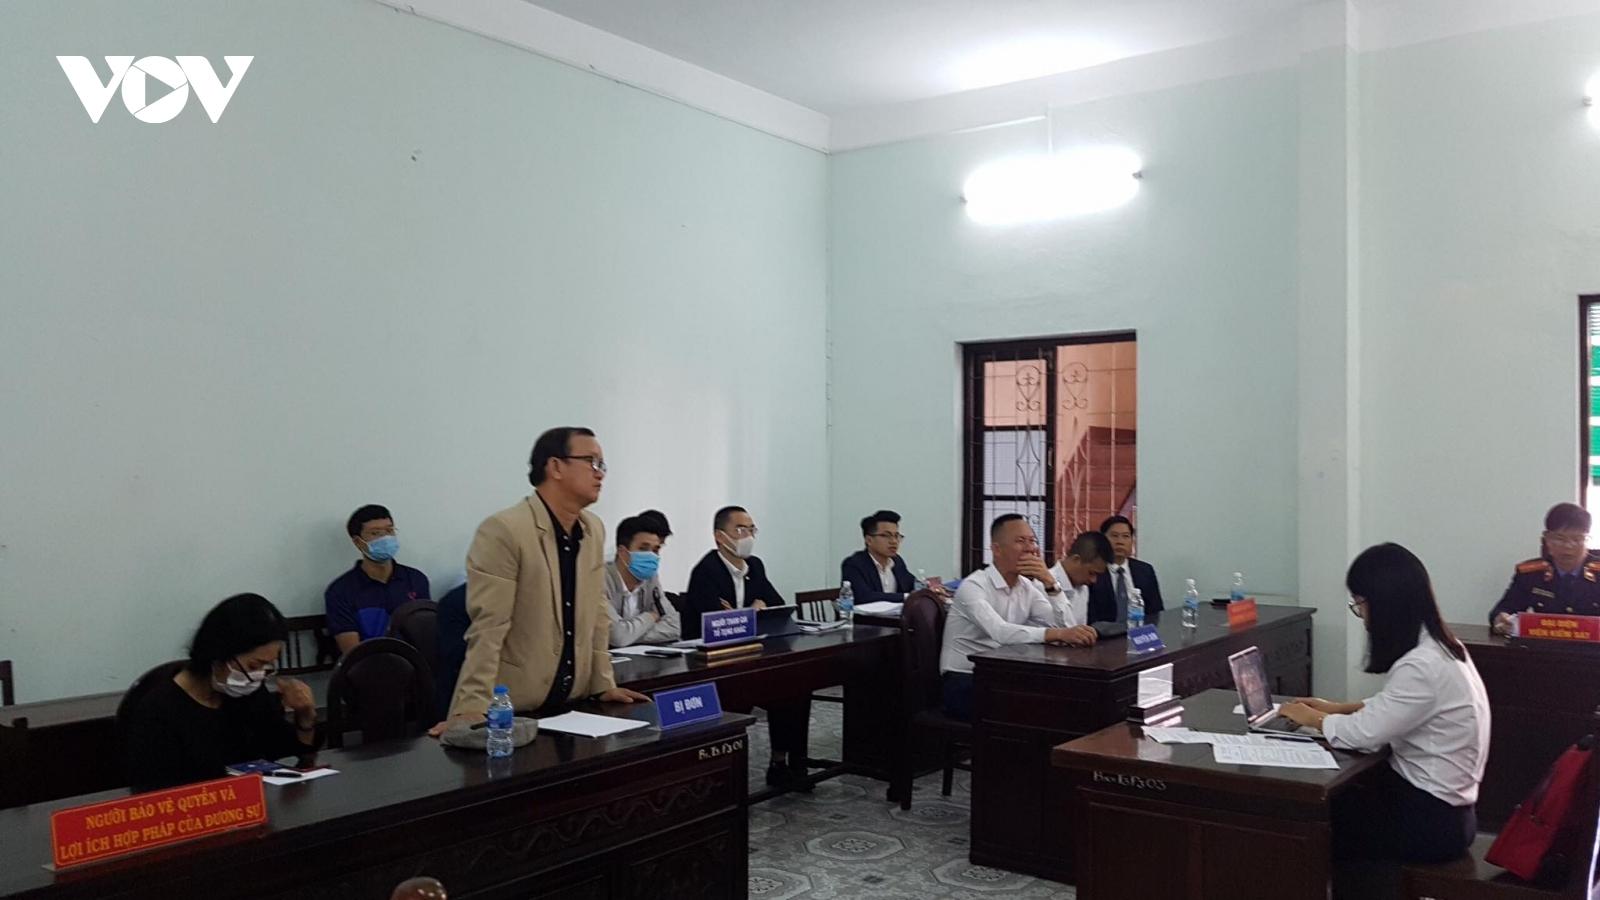 Luật sư kiến nghị xử lý dứt điểm, không để kéo dài vụ án Hoàng Cung, TP Huế